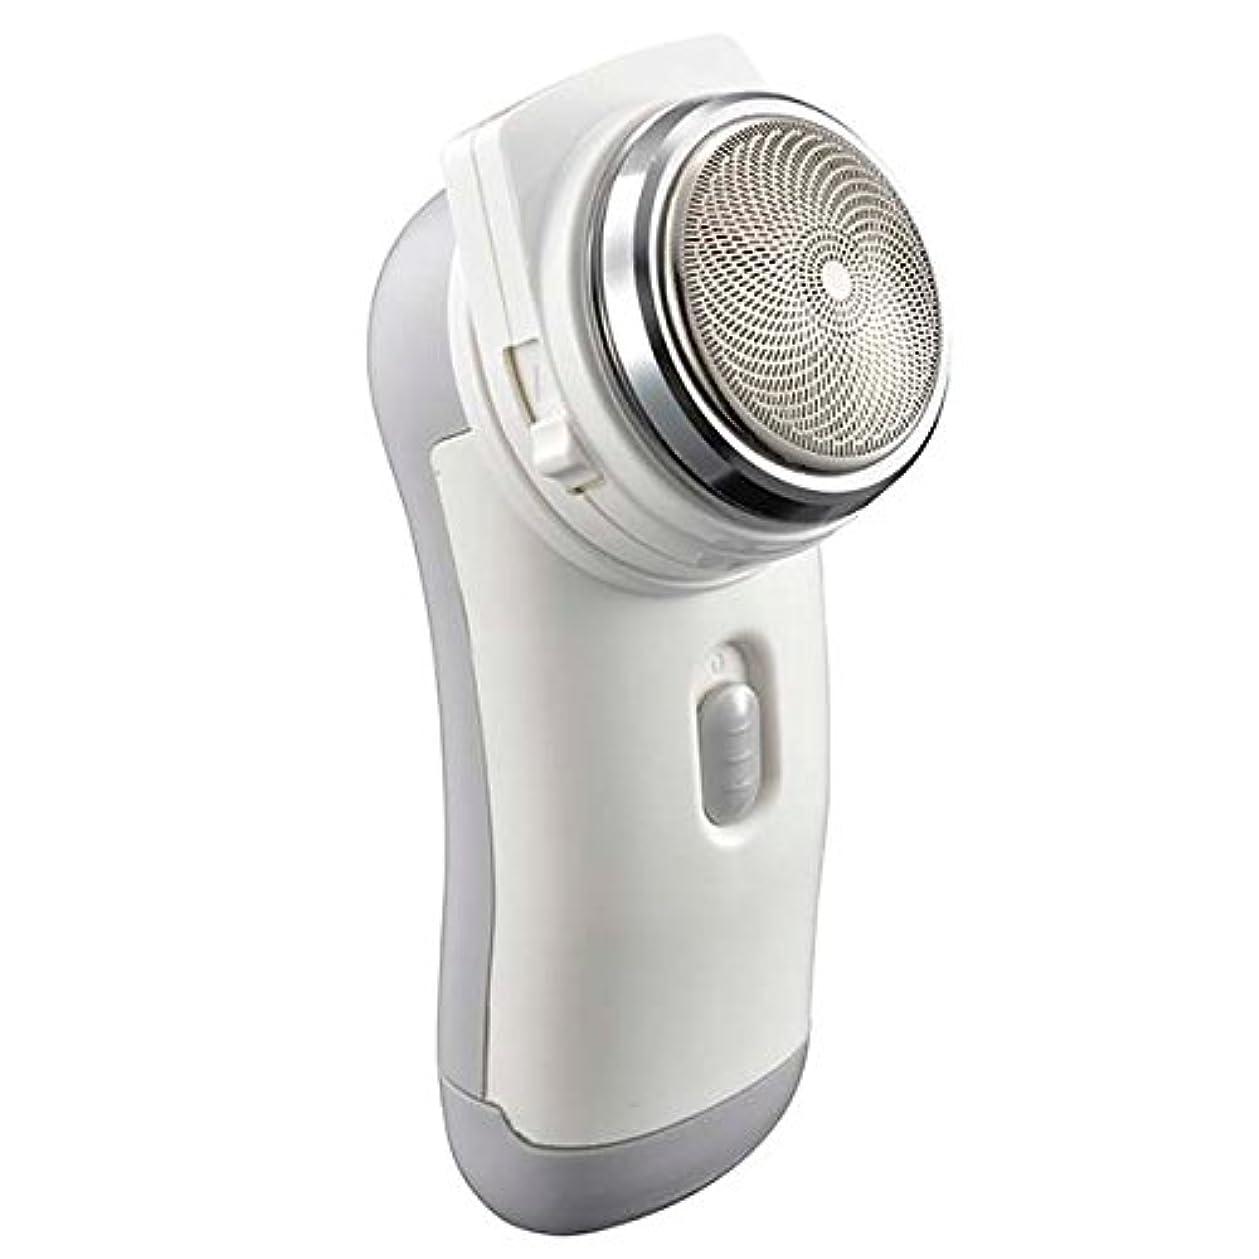 適合しました買う達成シェーバー メンズ ポケットシェーバー 携帯便利 静音回転式 もみあげ対応 電池式 キワゾリ刃付き 高性能シェーバー 髭剃り ひげそり 男性用 回転式ポケットシェーバー プレゼントにも最適